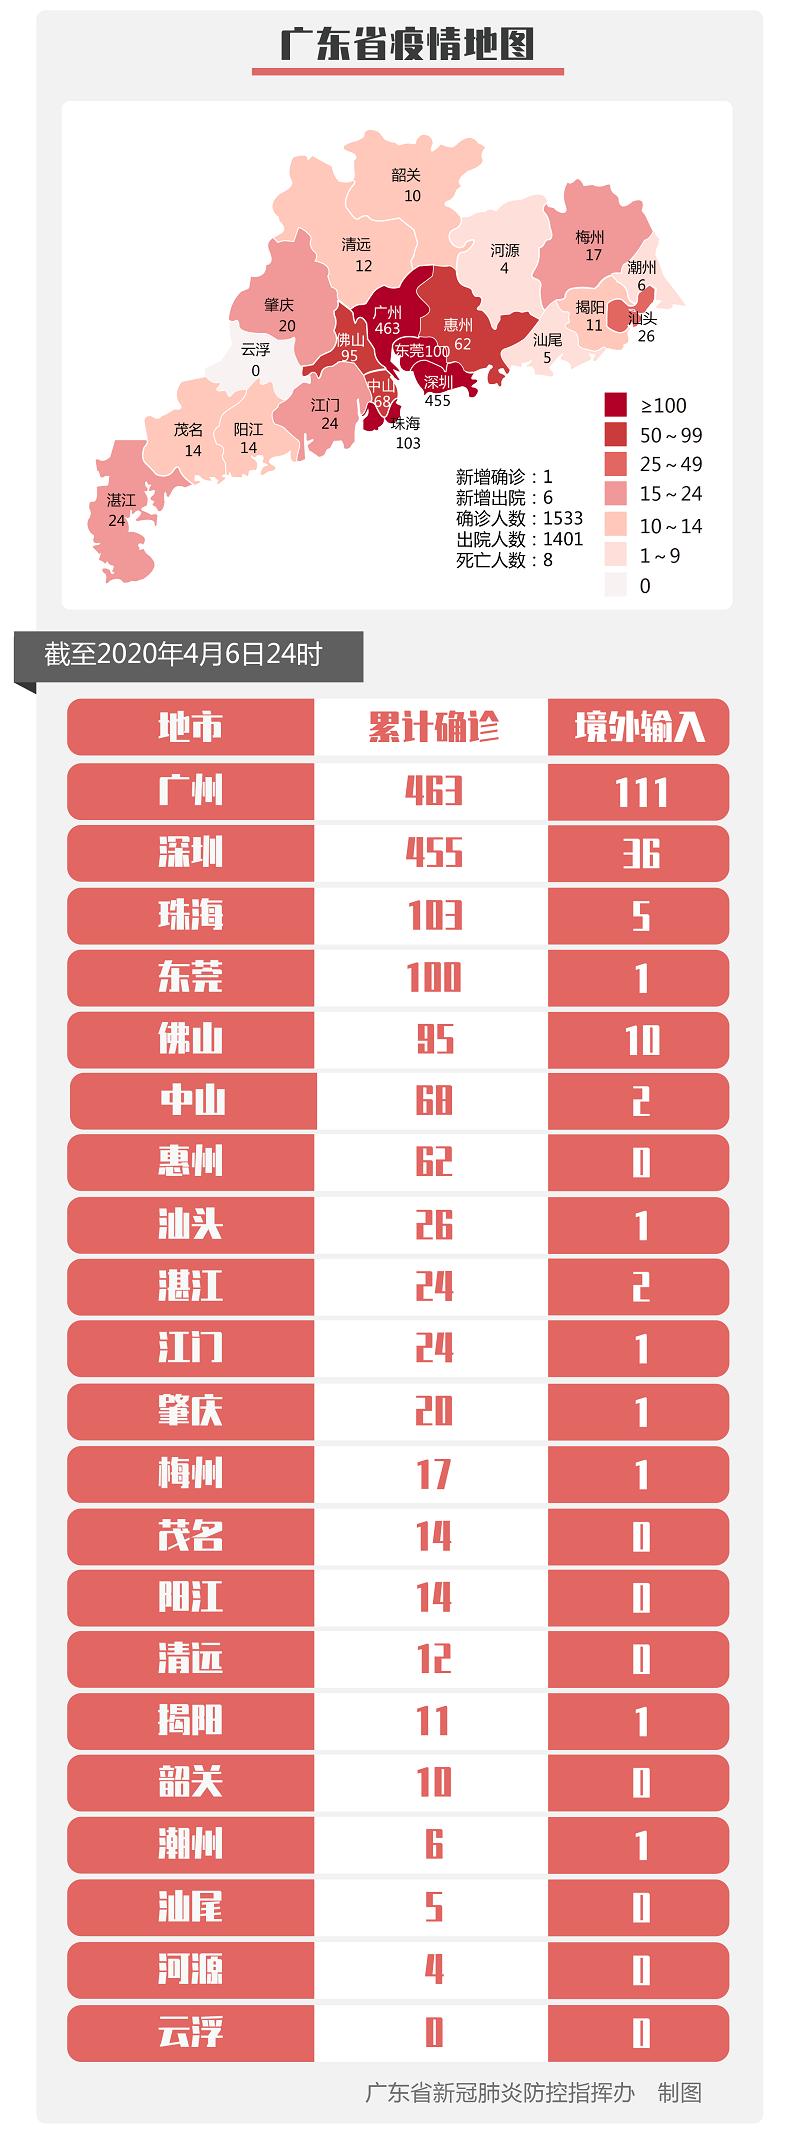 广东同一街道5人确诊,致197人隔离…插图2